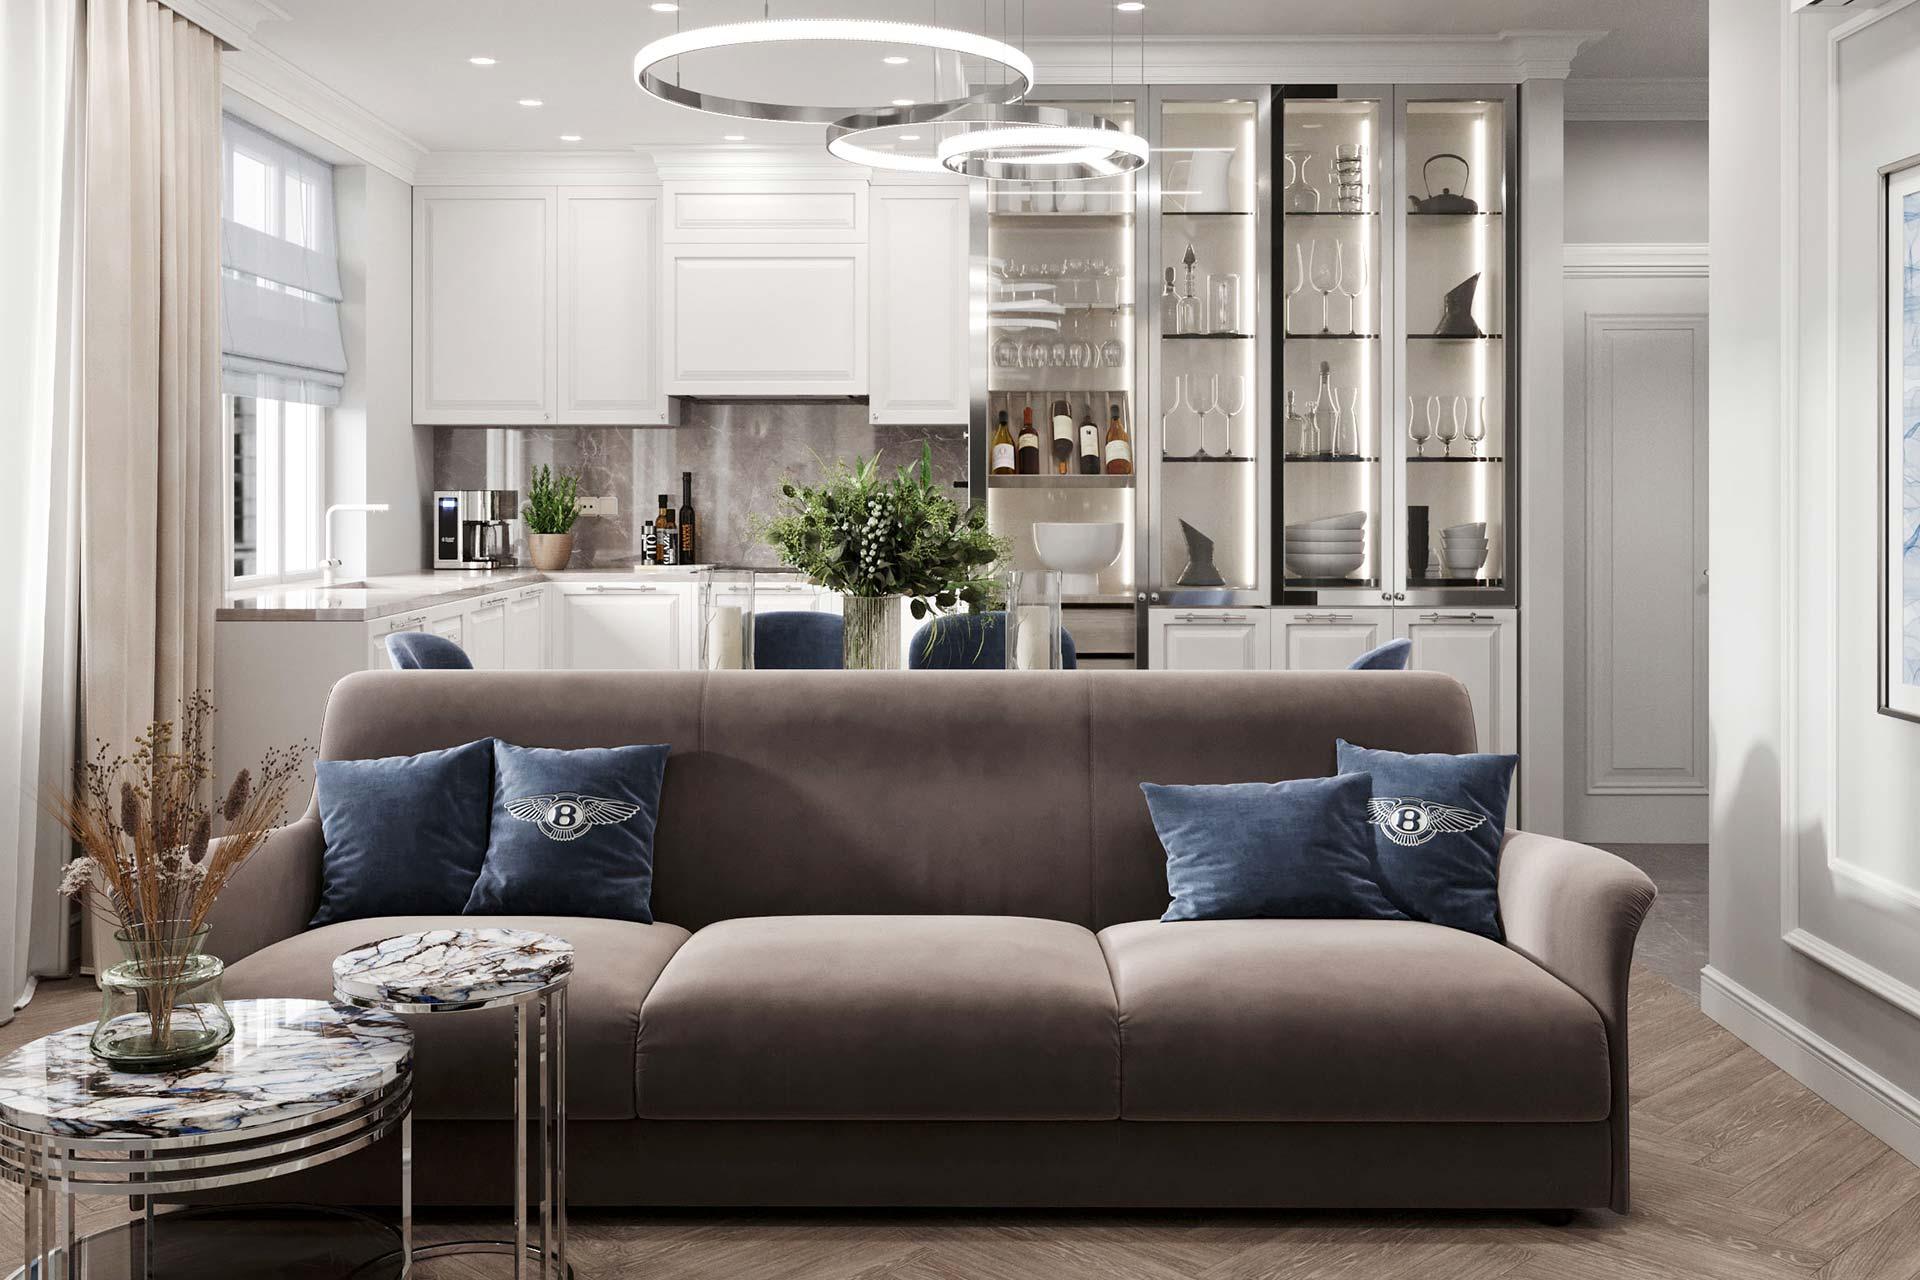 Дизайн интерьера квартиры в ЖК Счастье на Волгоградке